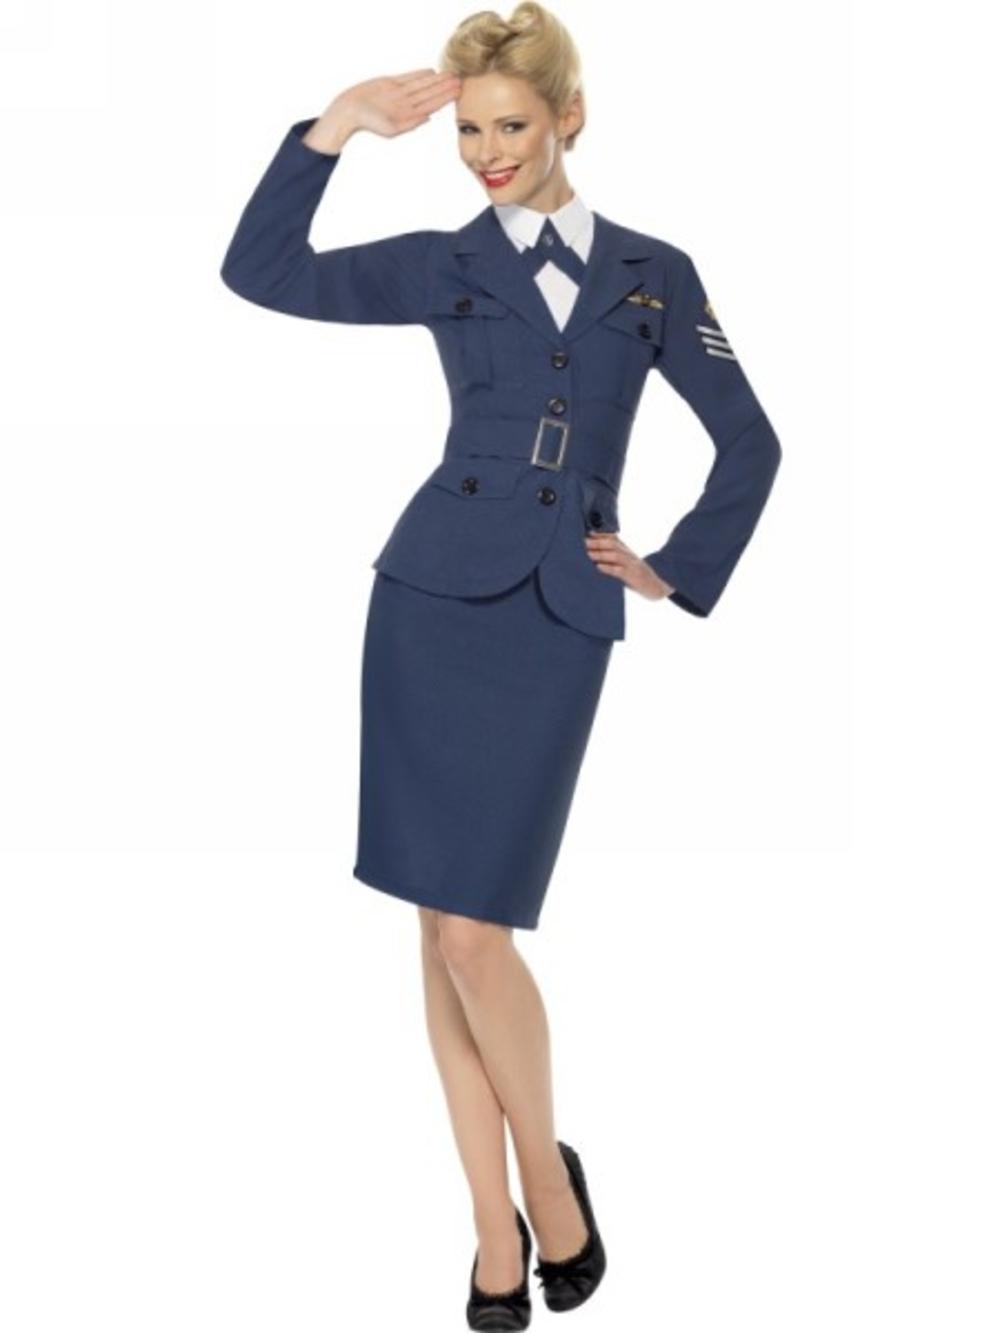 RAF Air Force Female Captain Ladies Fancy Dress 1940s 30s Uniform Costume Outfit